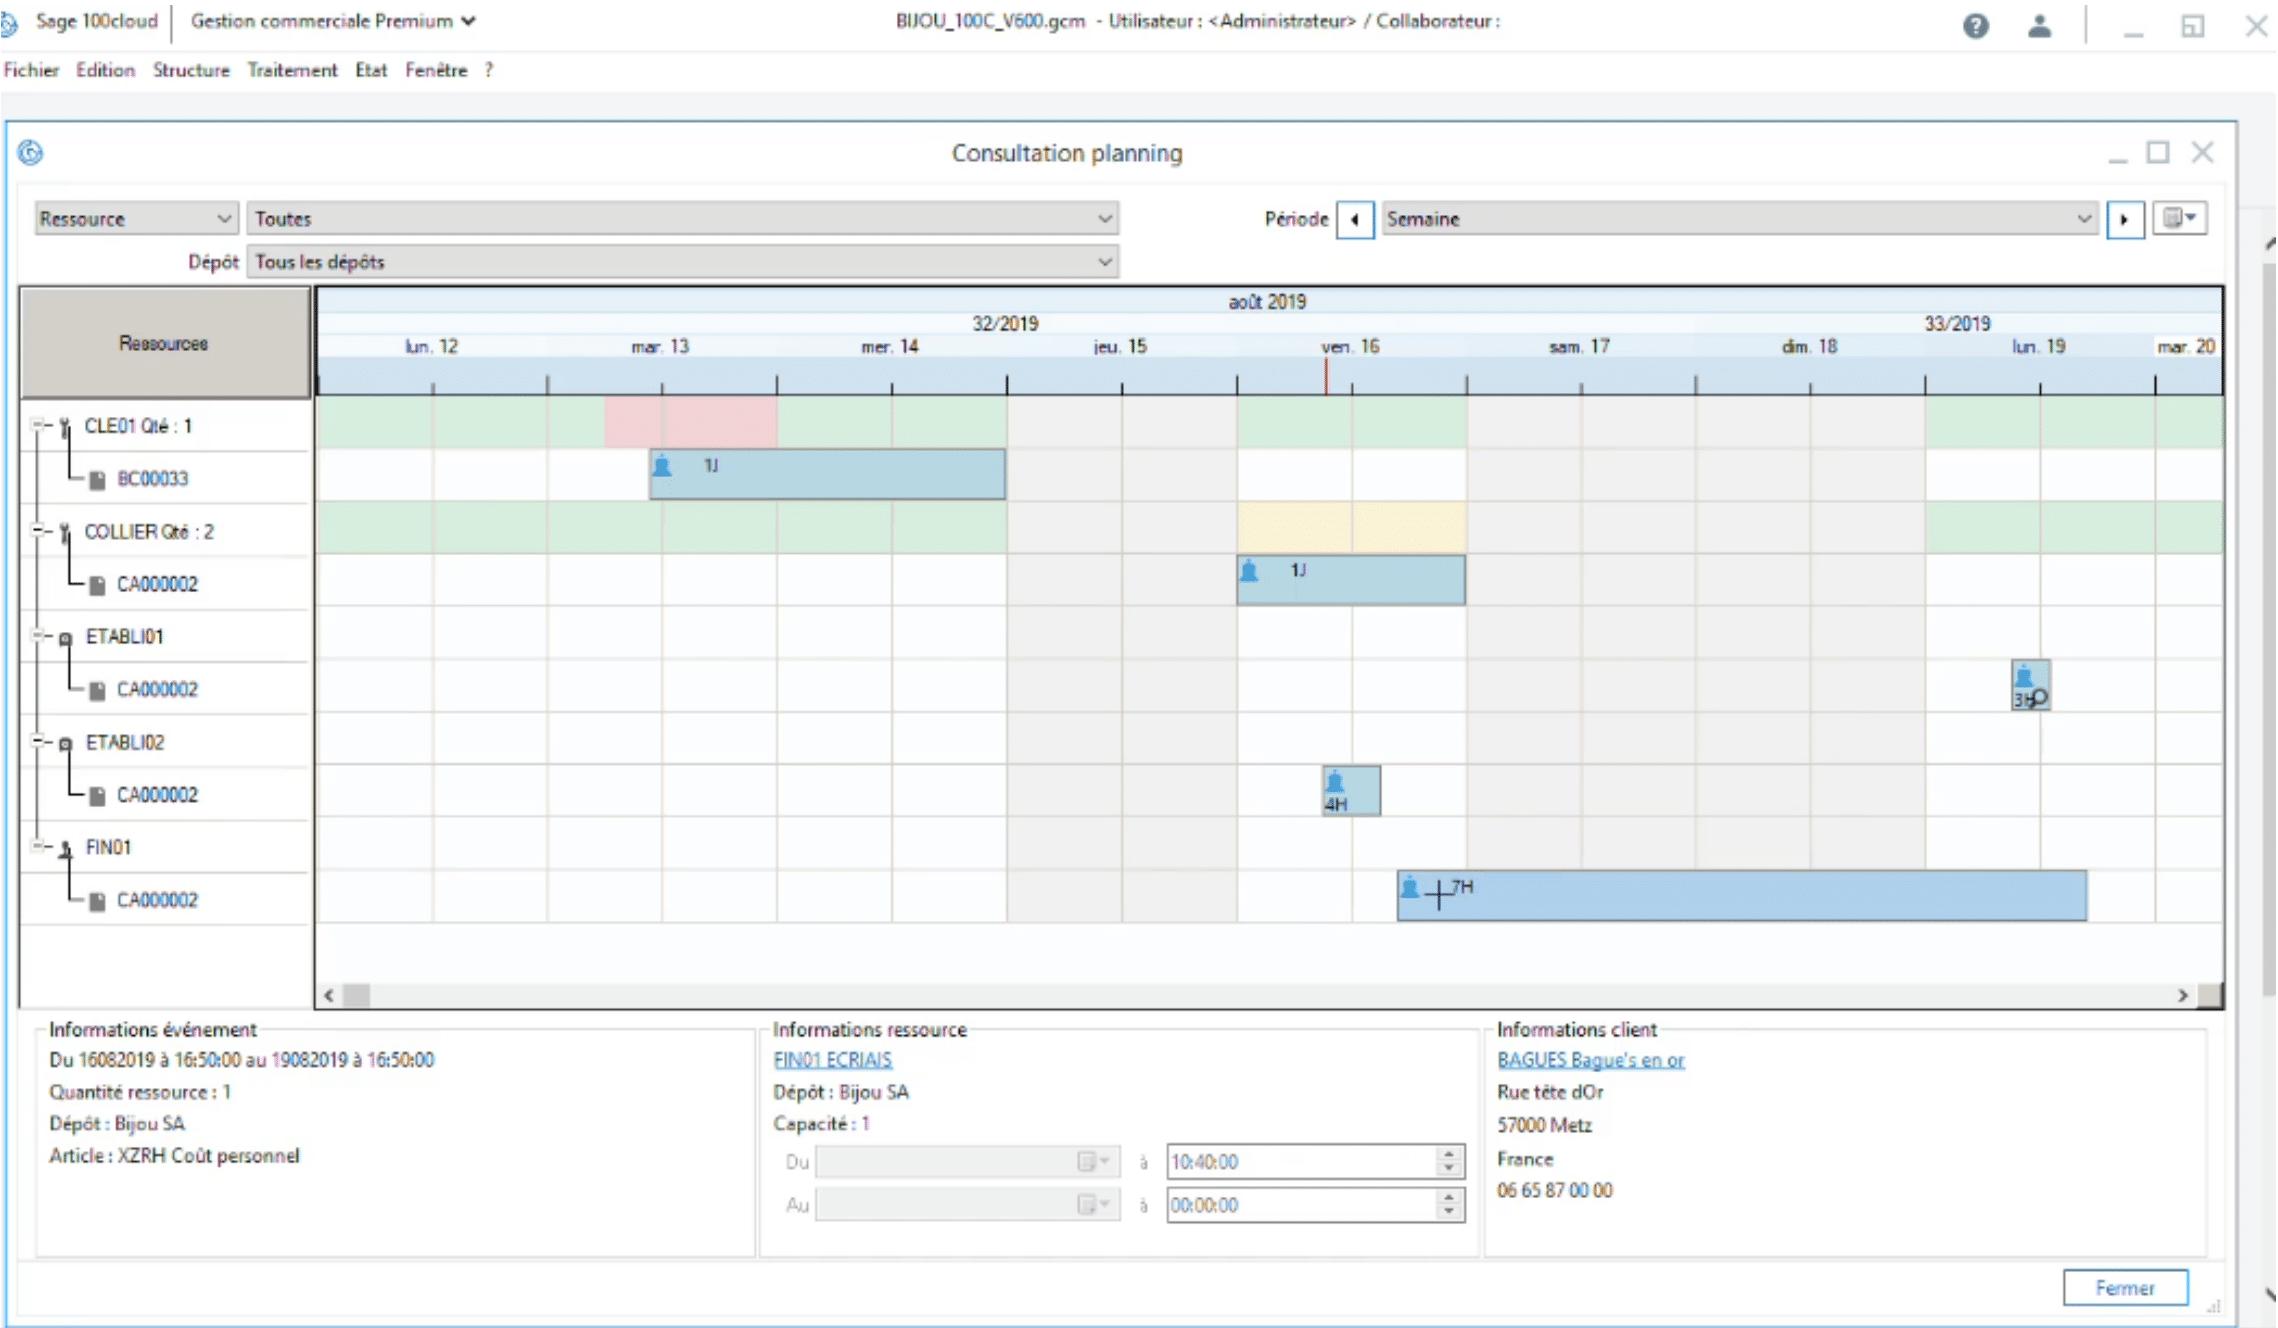 Sage 100cloud Gestion commaerciale v6 - Glisser/déposer dans le planning des ressources